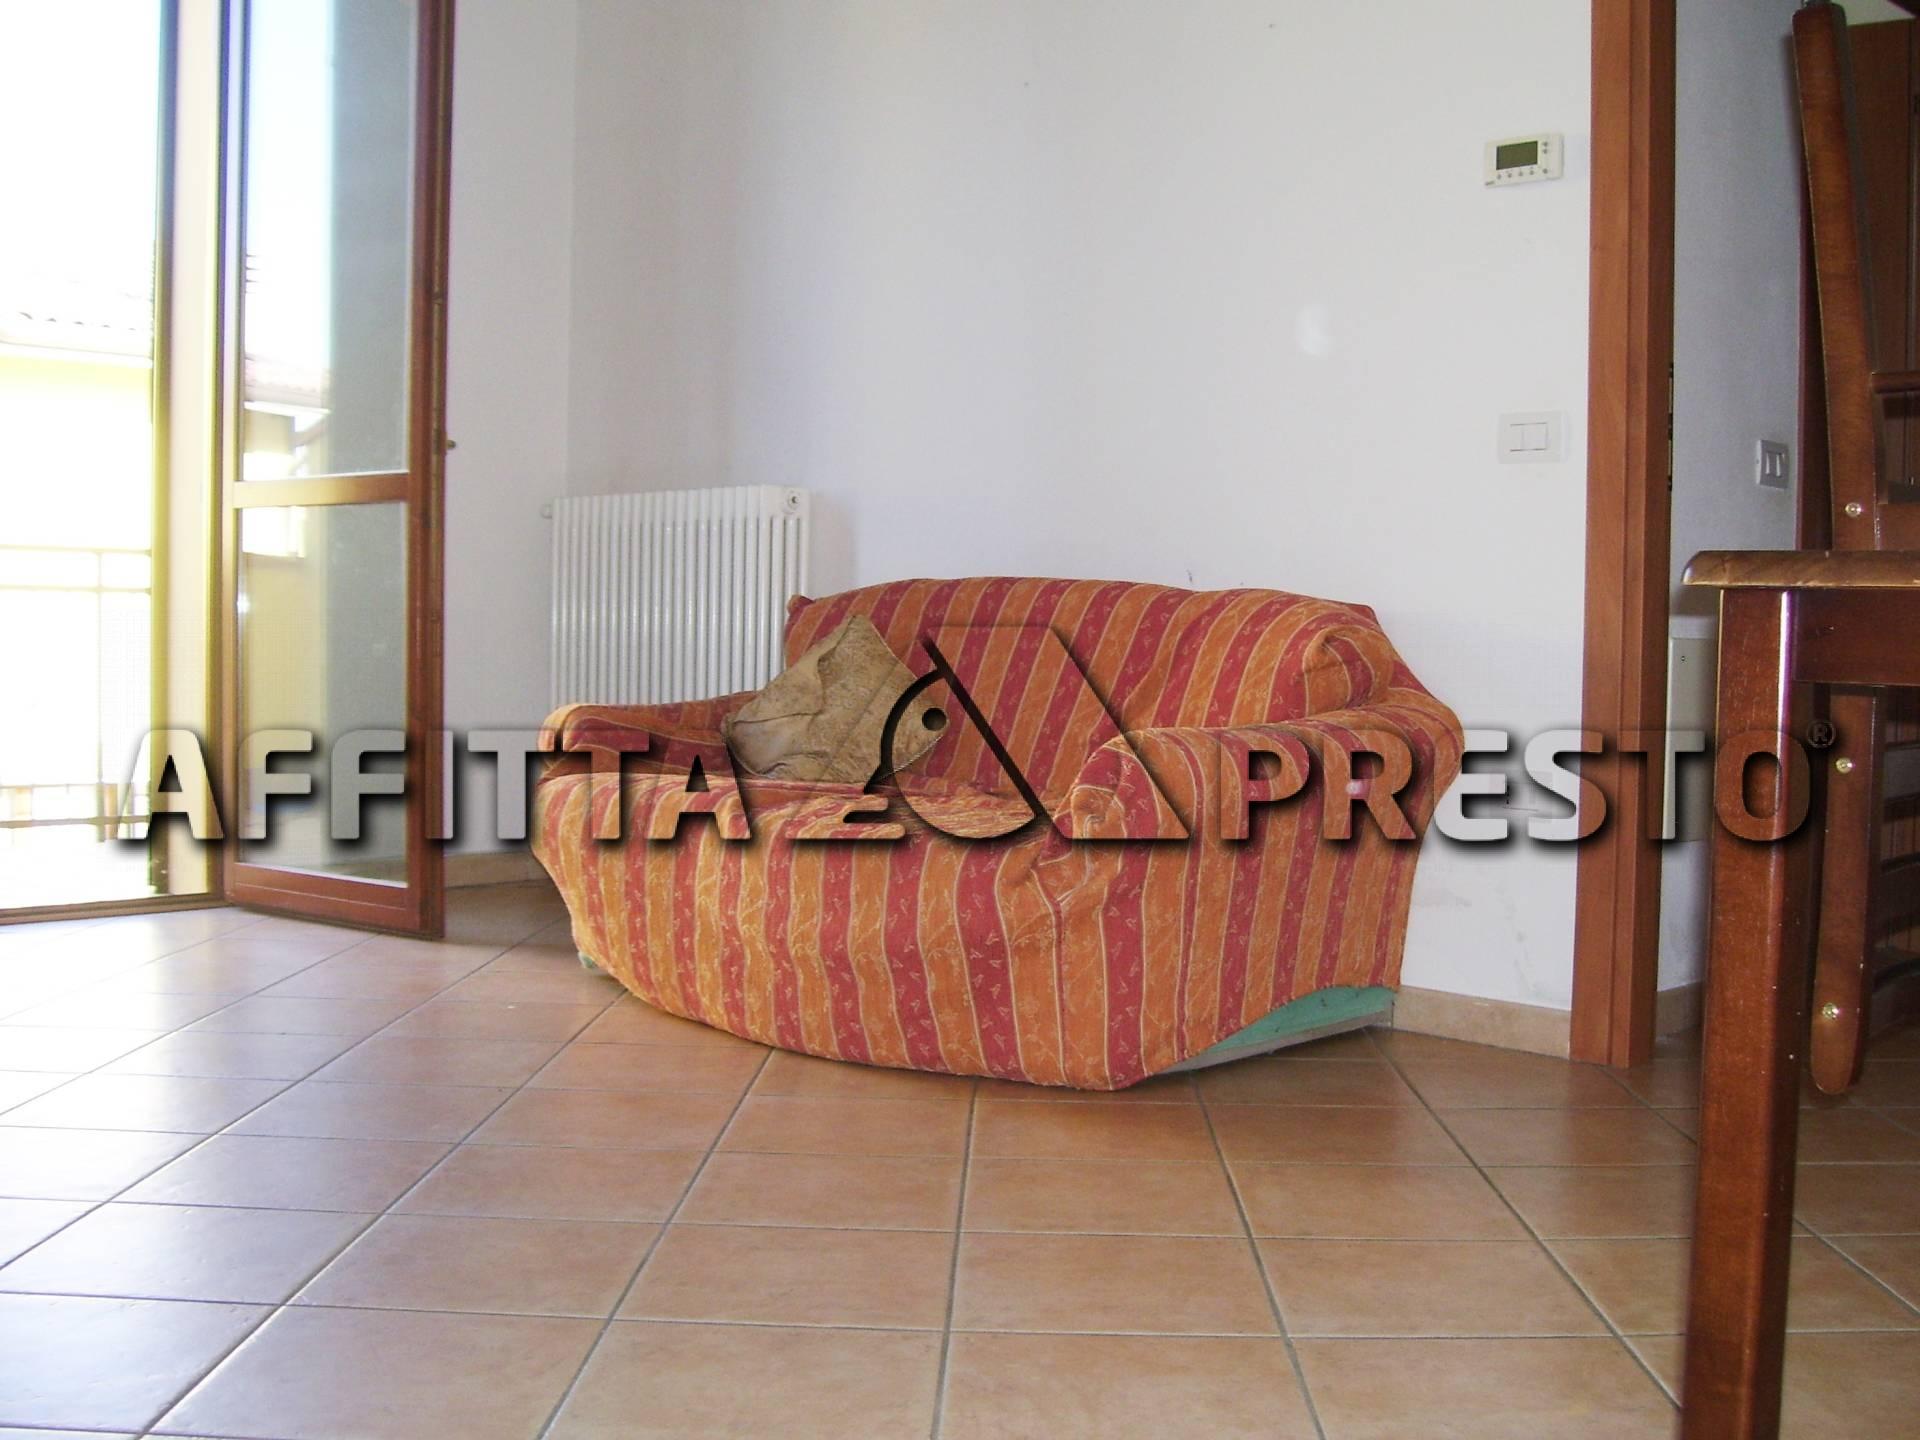 Villa in affitto a Ravenna, 3 locali, zona Località: VillanovadiRavenna, prezzo € 450 | Cambio Casa.it